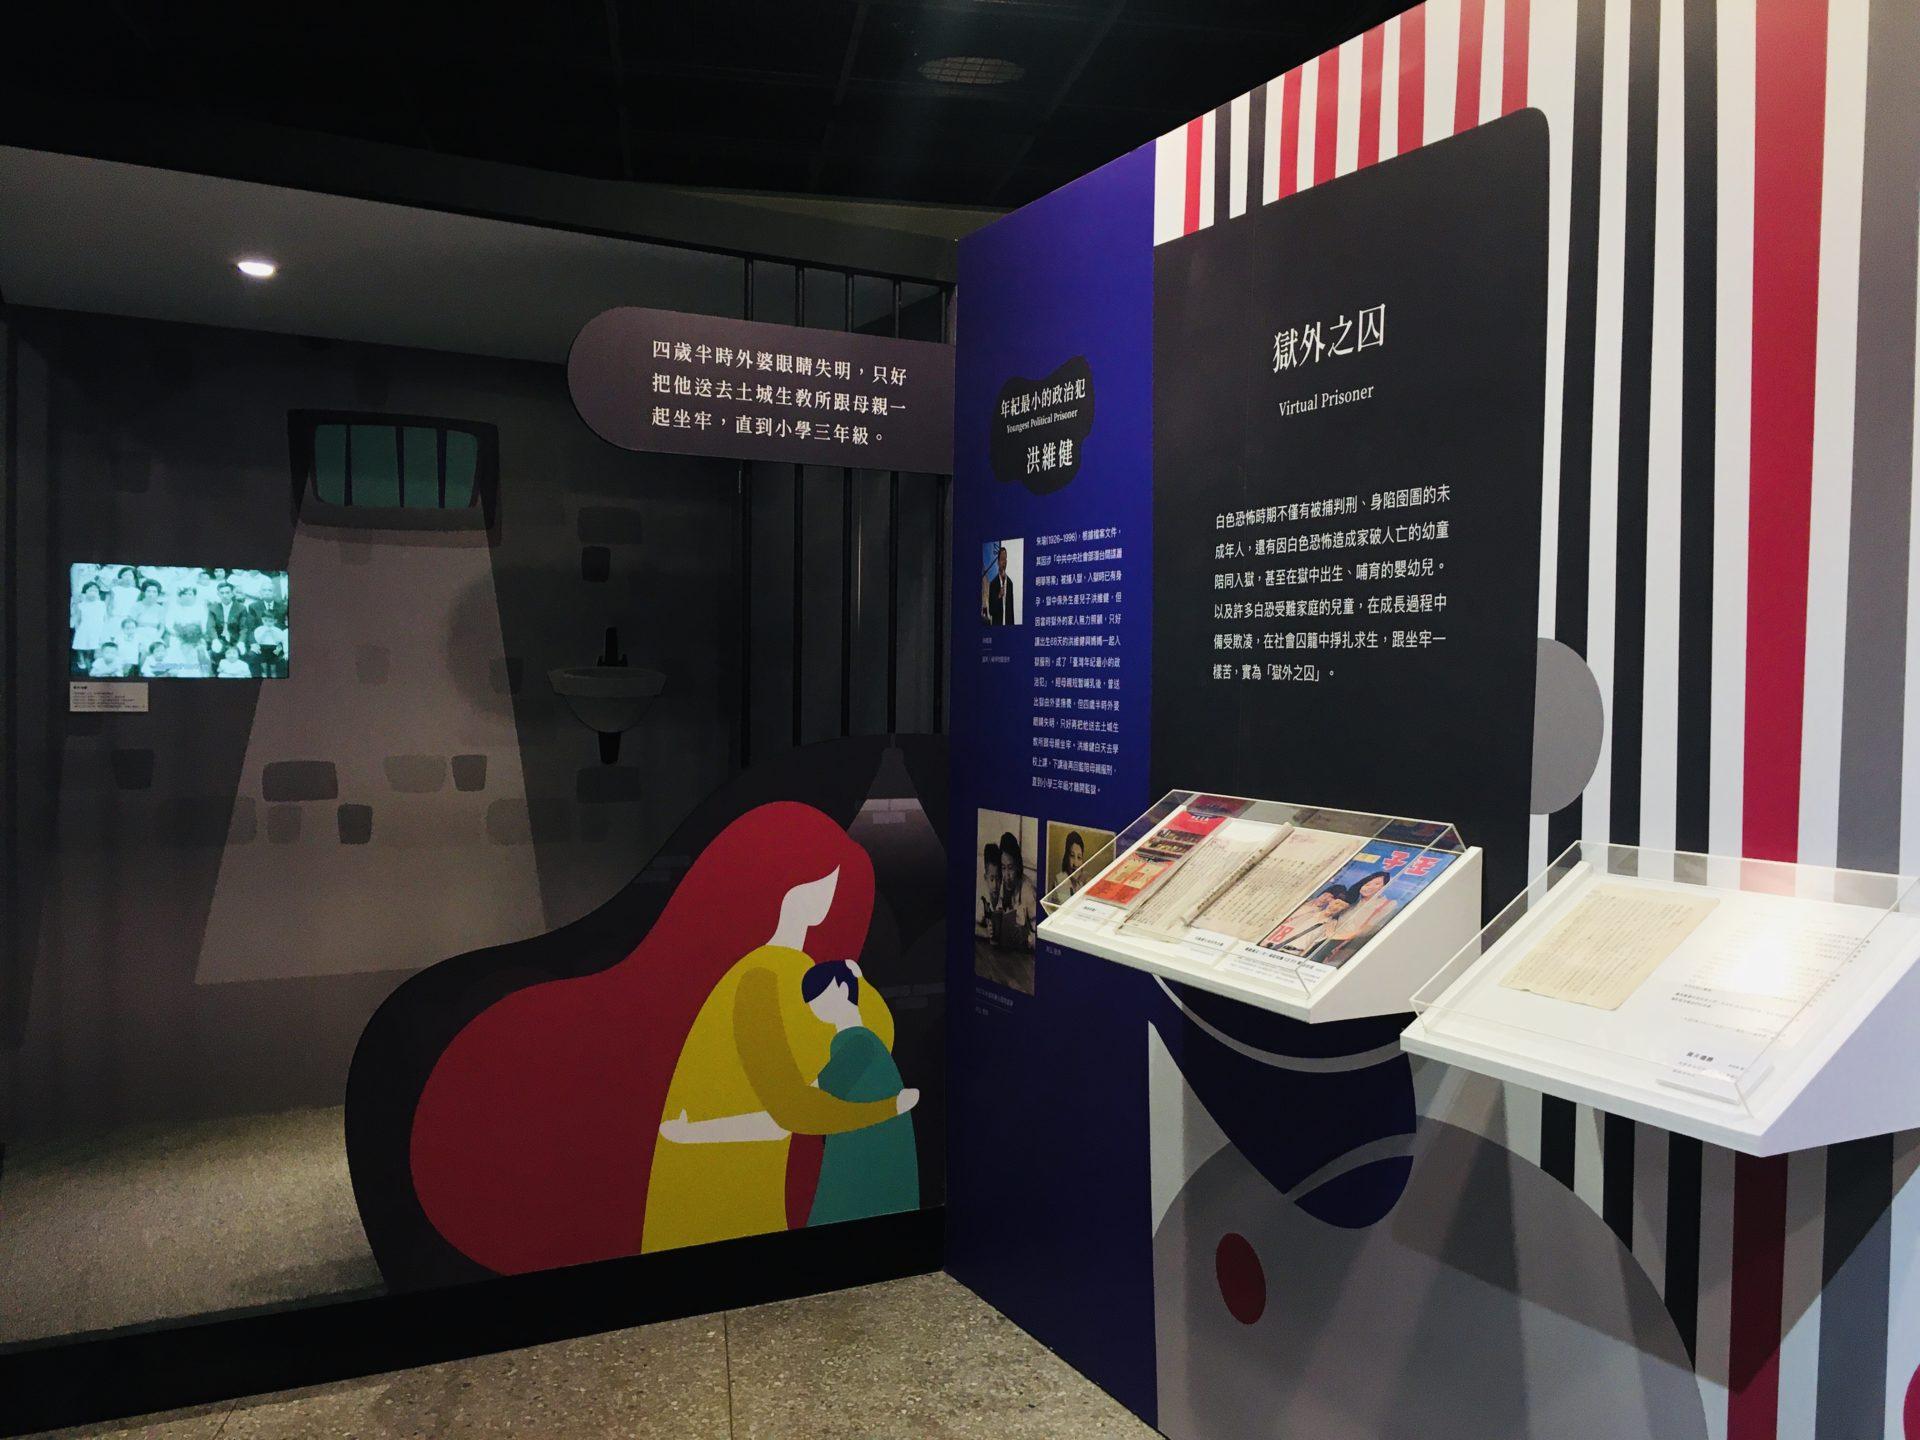 【博物之島新訊】兒童權利公約30週年,人權館多媒體特展拉近觀眾與兒權距離